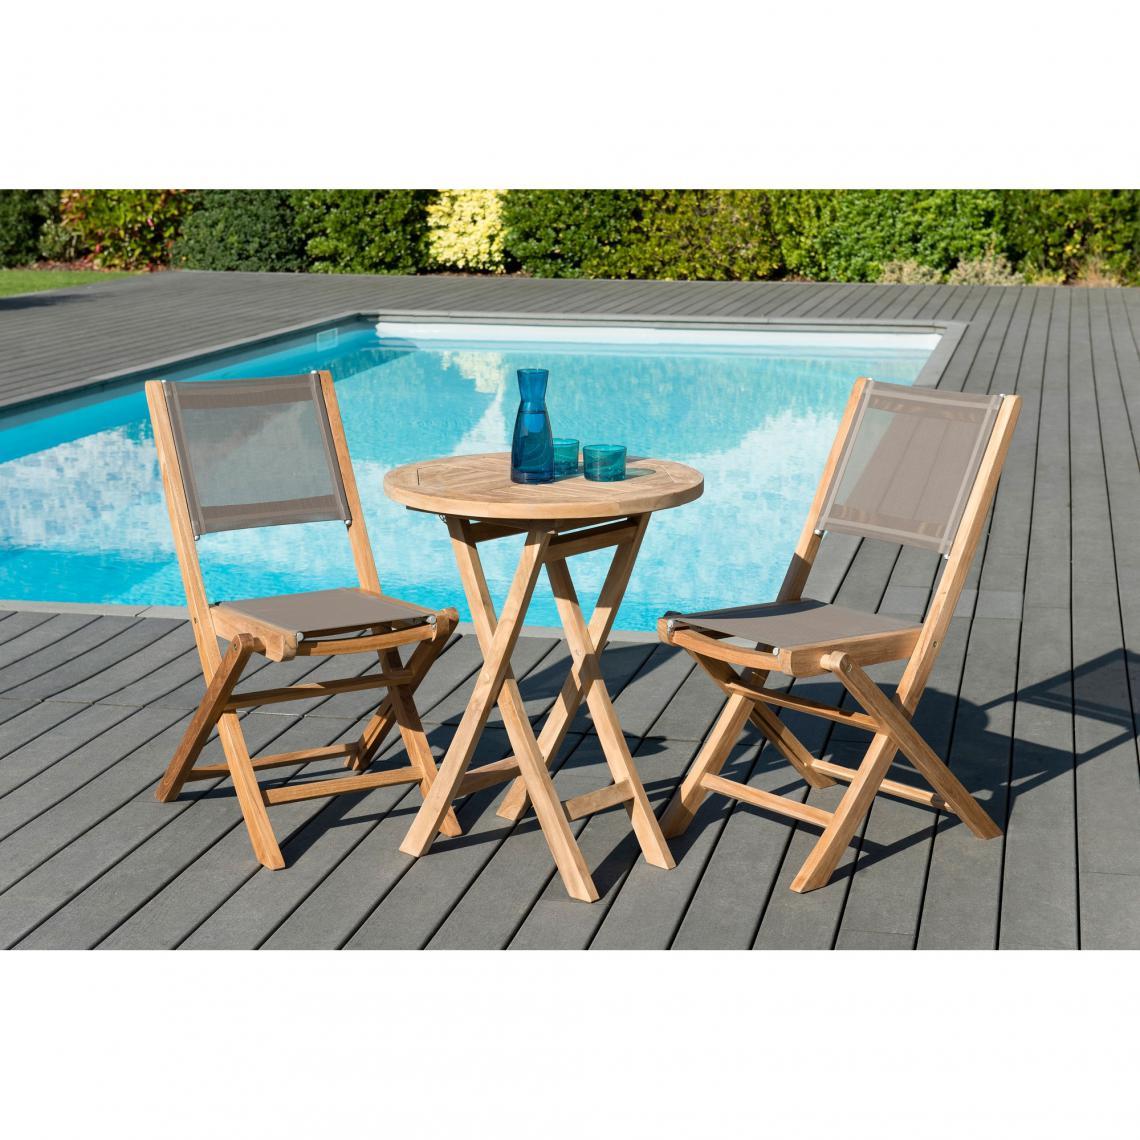 salon de jardin en bois teck 2 pers ensemble de jardin 1 table ronde pliante 60 cm et 2 chaises textilene couleur taupe